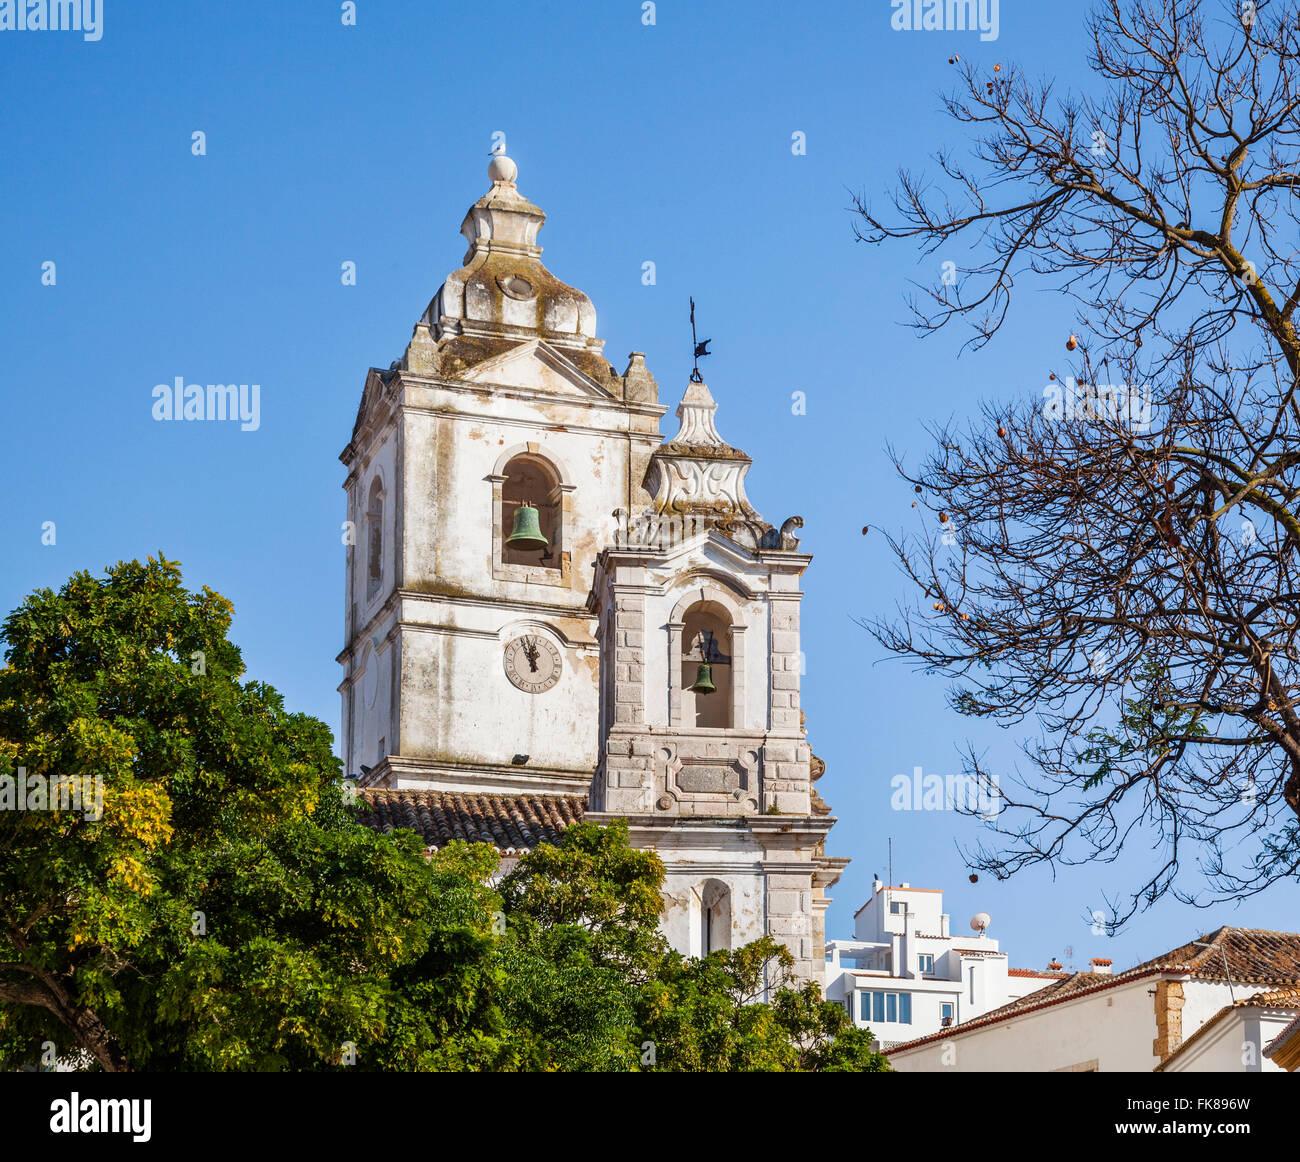 Portugal, Algarve, Lagos, Bell campanarios de iglesia de San Antonio en el centro histórico de Lagos Foto de stock